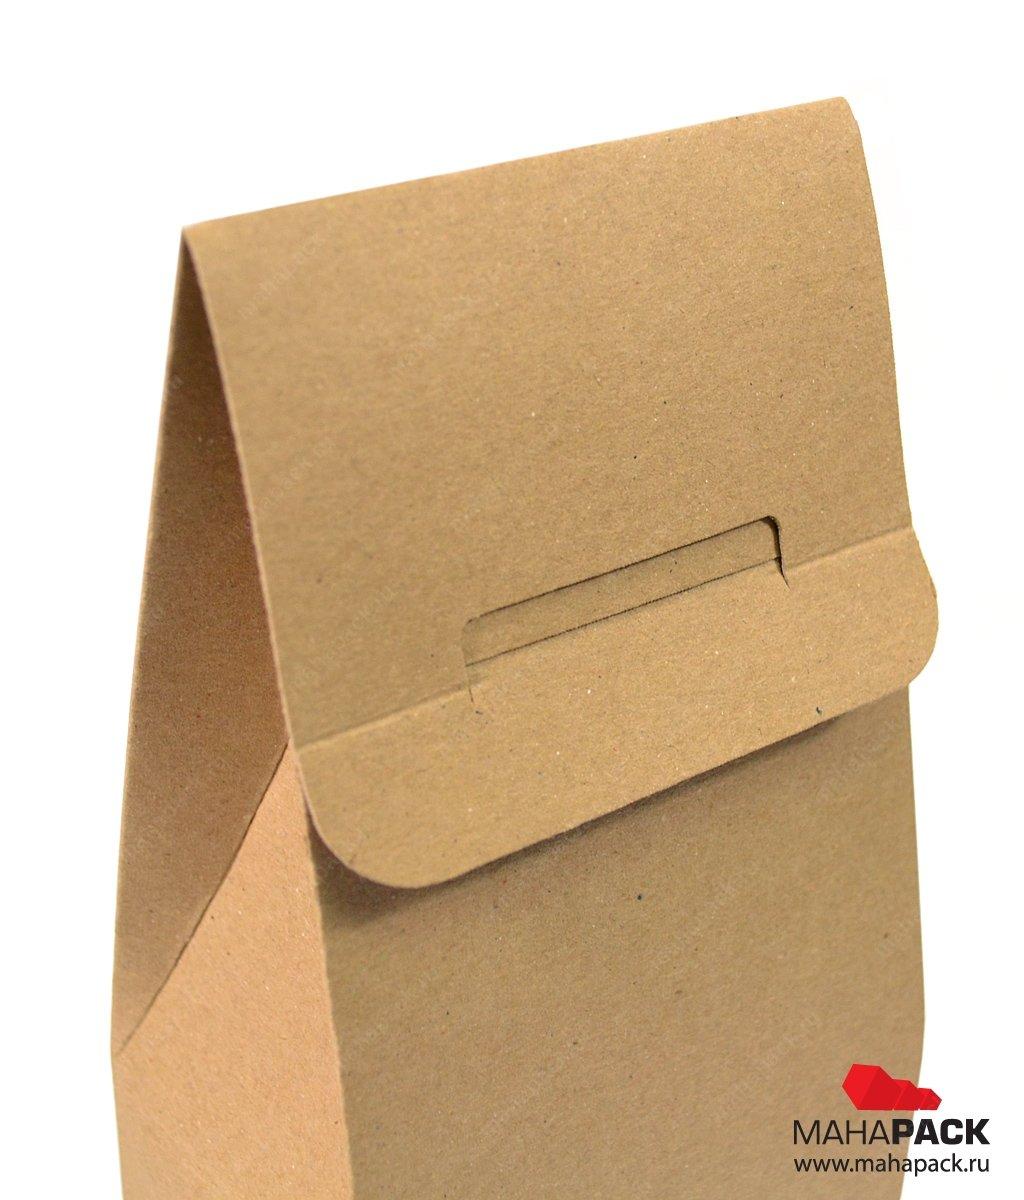 Экологичная коробка-пакет с вырубным узором